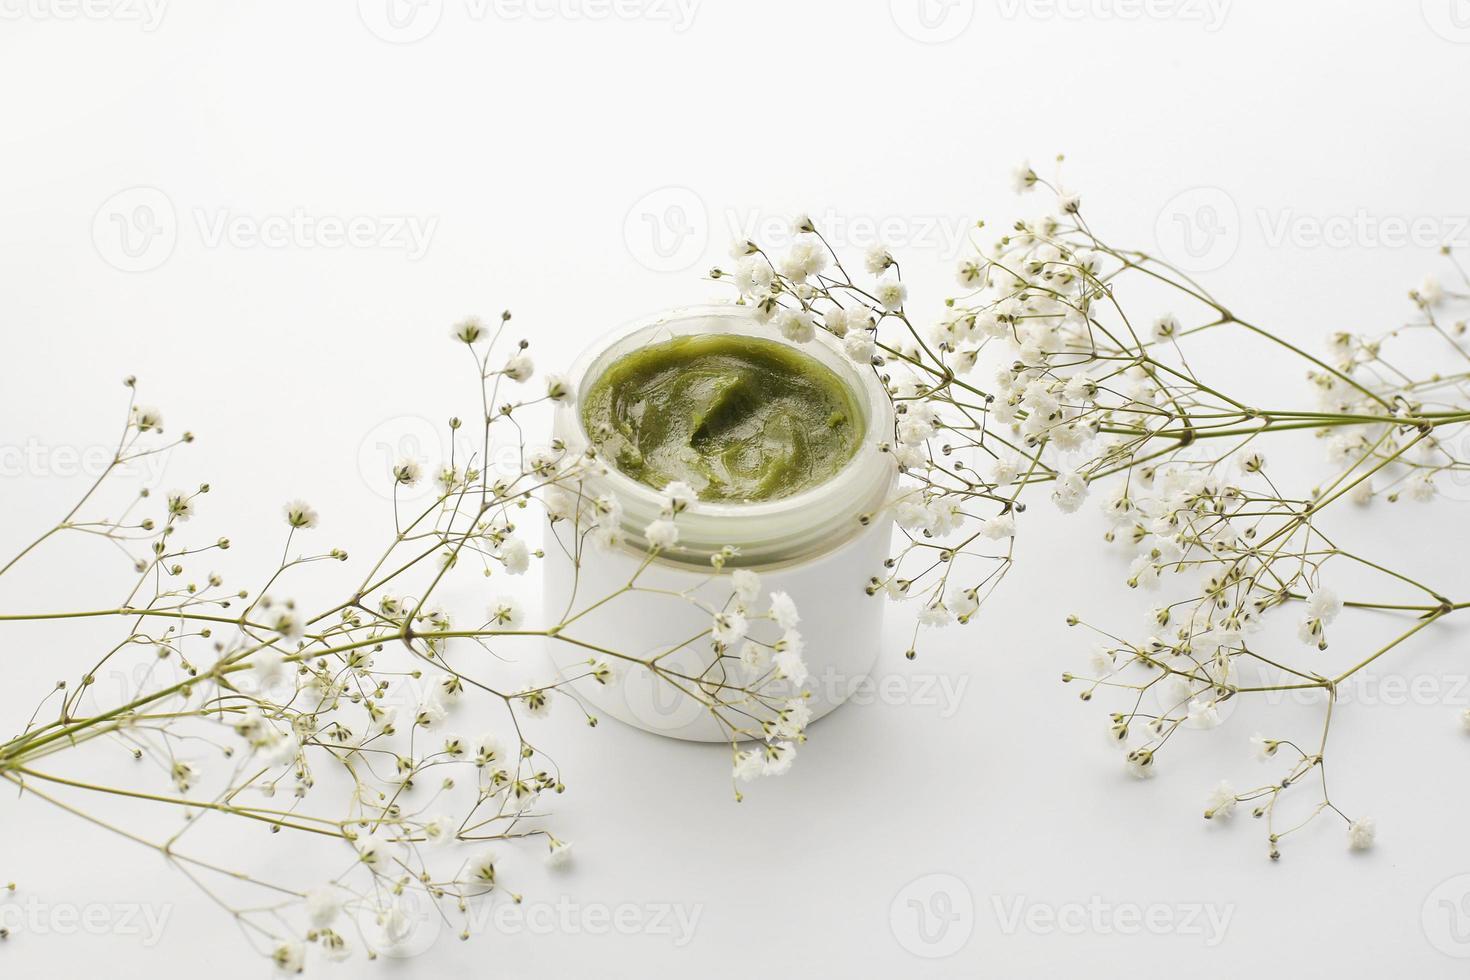 crema per la cura della pelle alle erbe con fiori foto